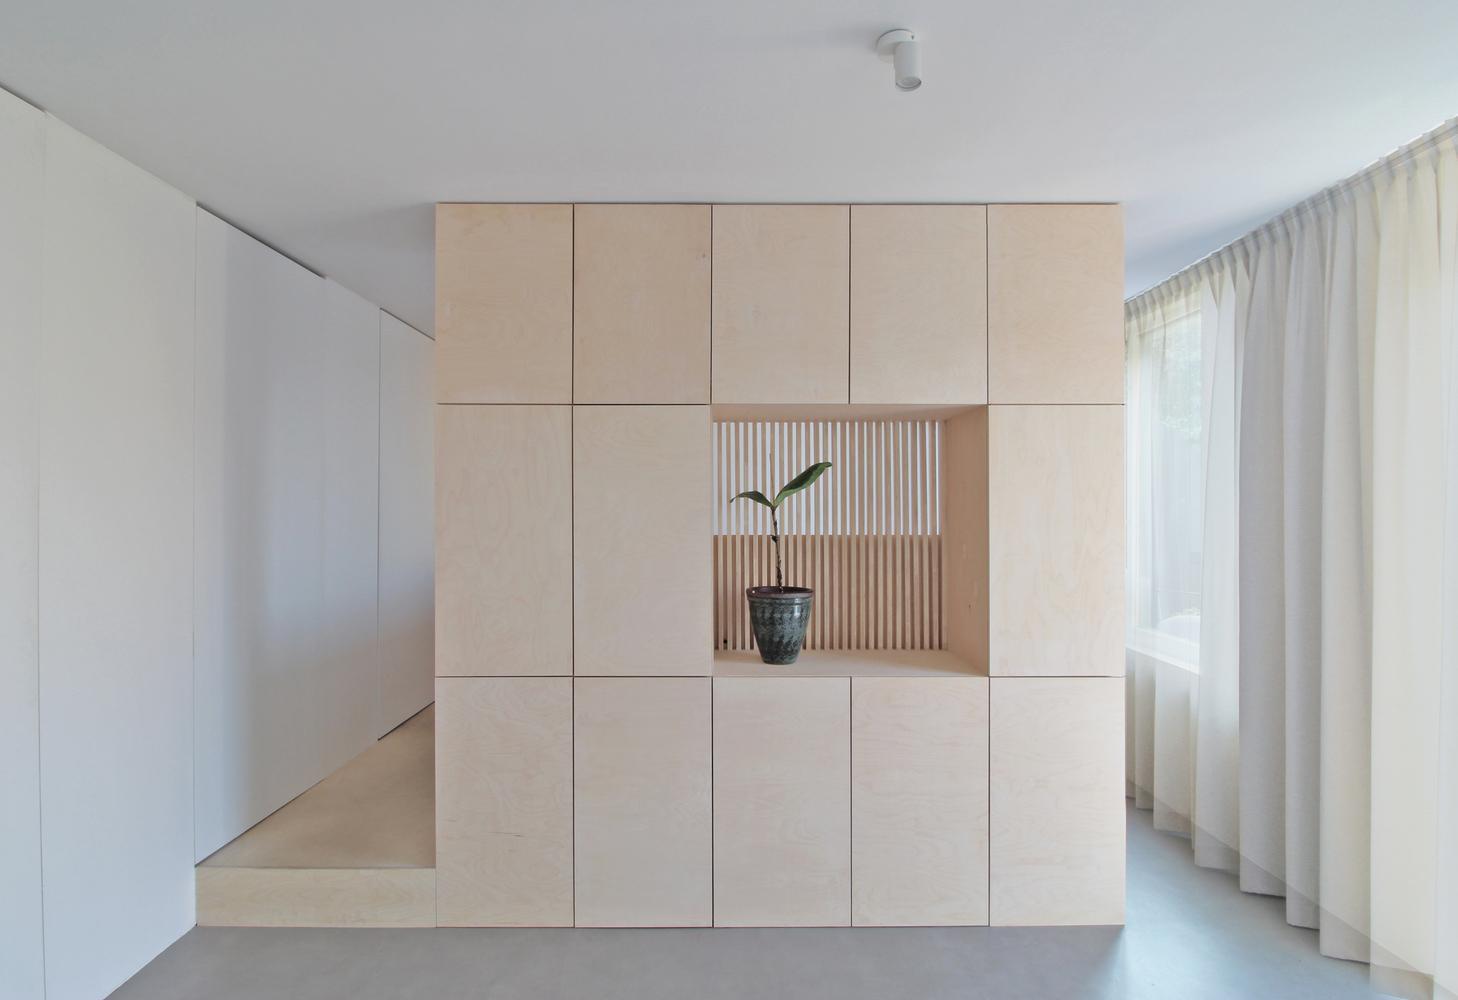 Căn nhà tuy nhỏ nhưng không gian vẫn rất rộng rãi và thoáng